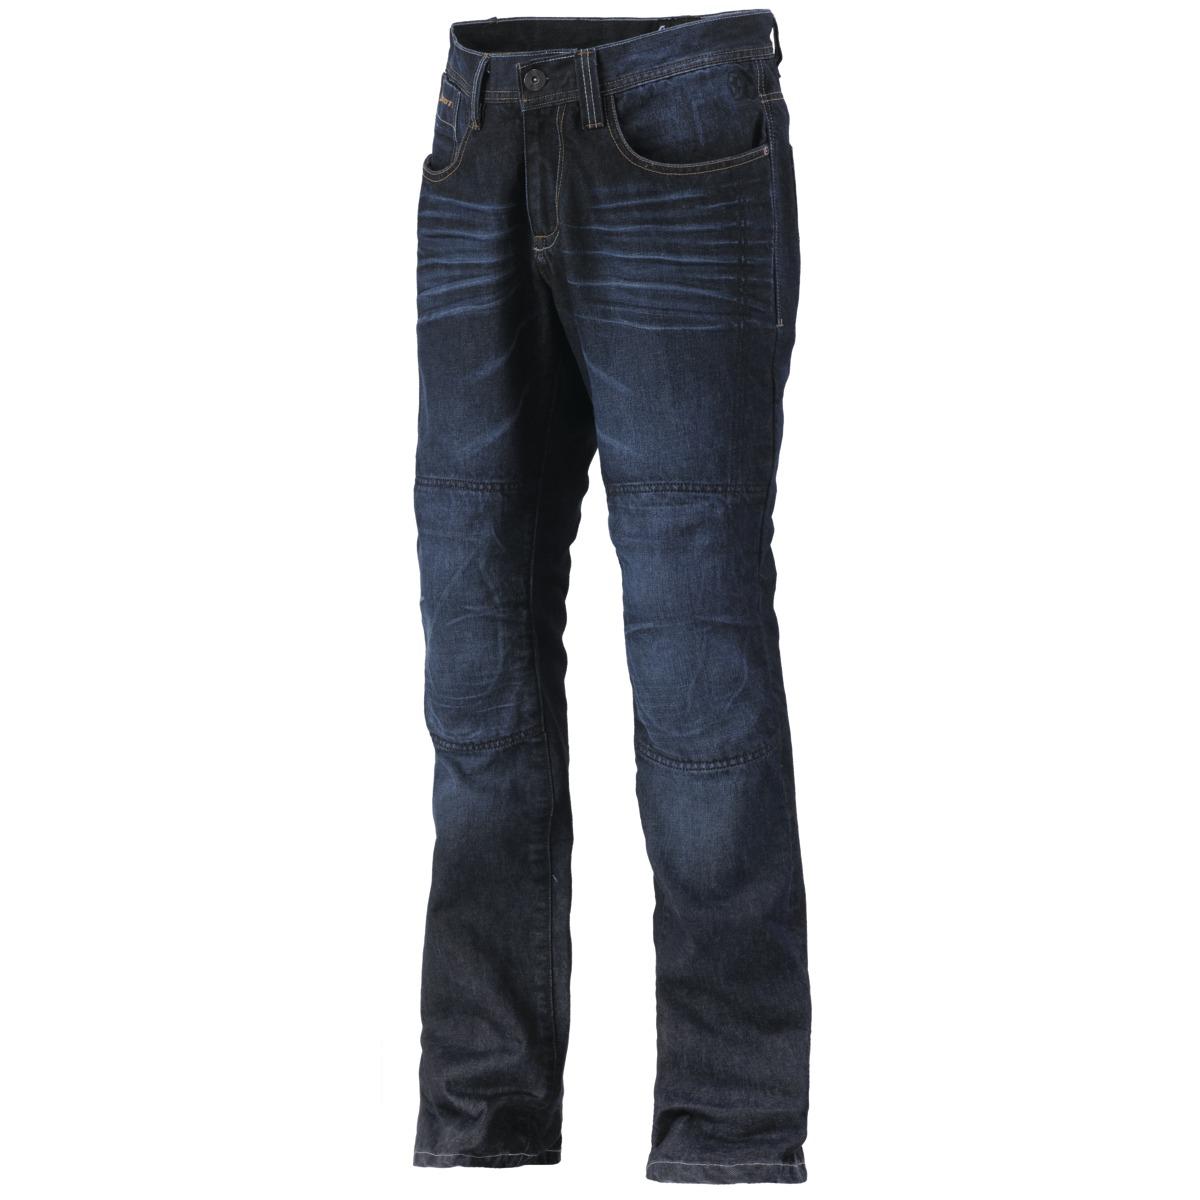 scott denim motorrad jeans hose blau 2016 von top marken. Black Bedroom Furniture Sets. Home Design Ideas